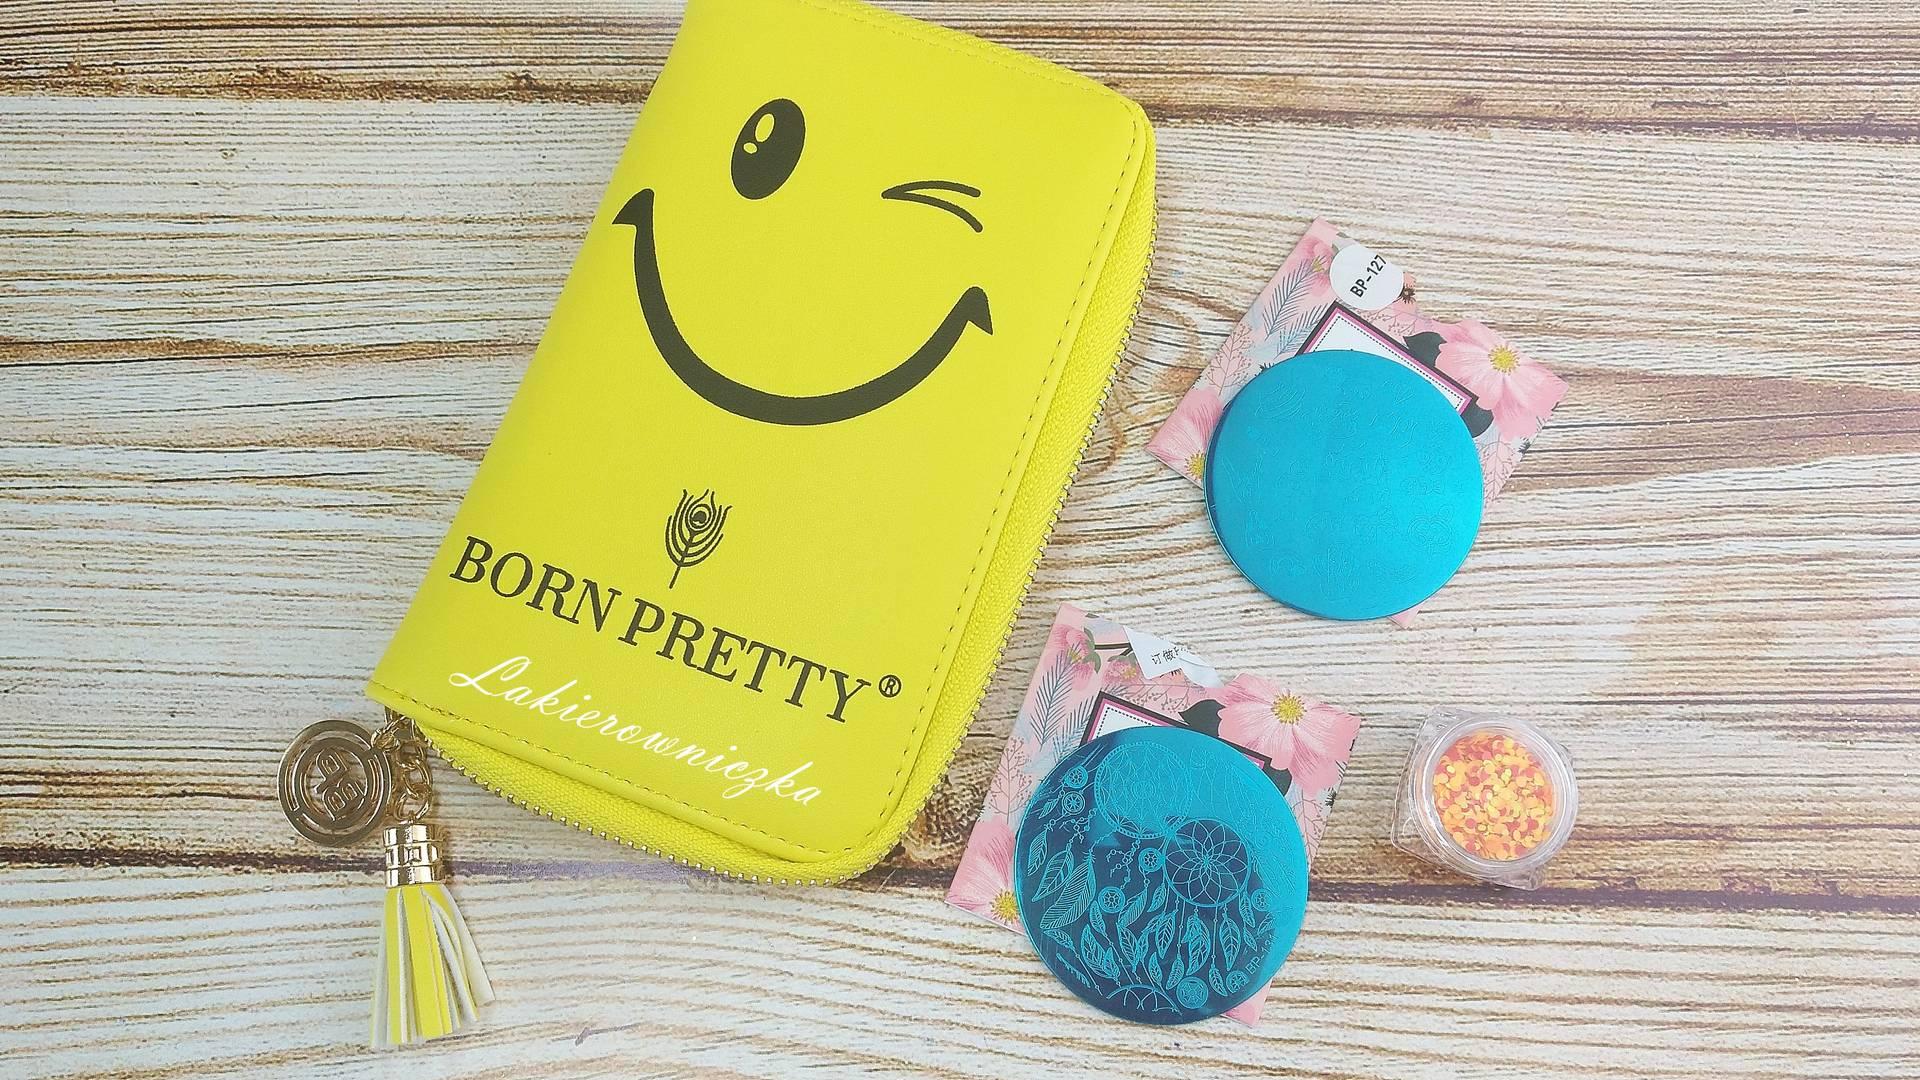 bornprettystore-born-pretty-store-lakierowniczka-nowosci-zakupy-holder-case-na-płytki-nowości BPS